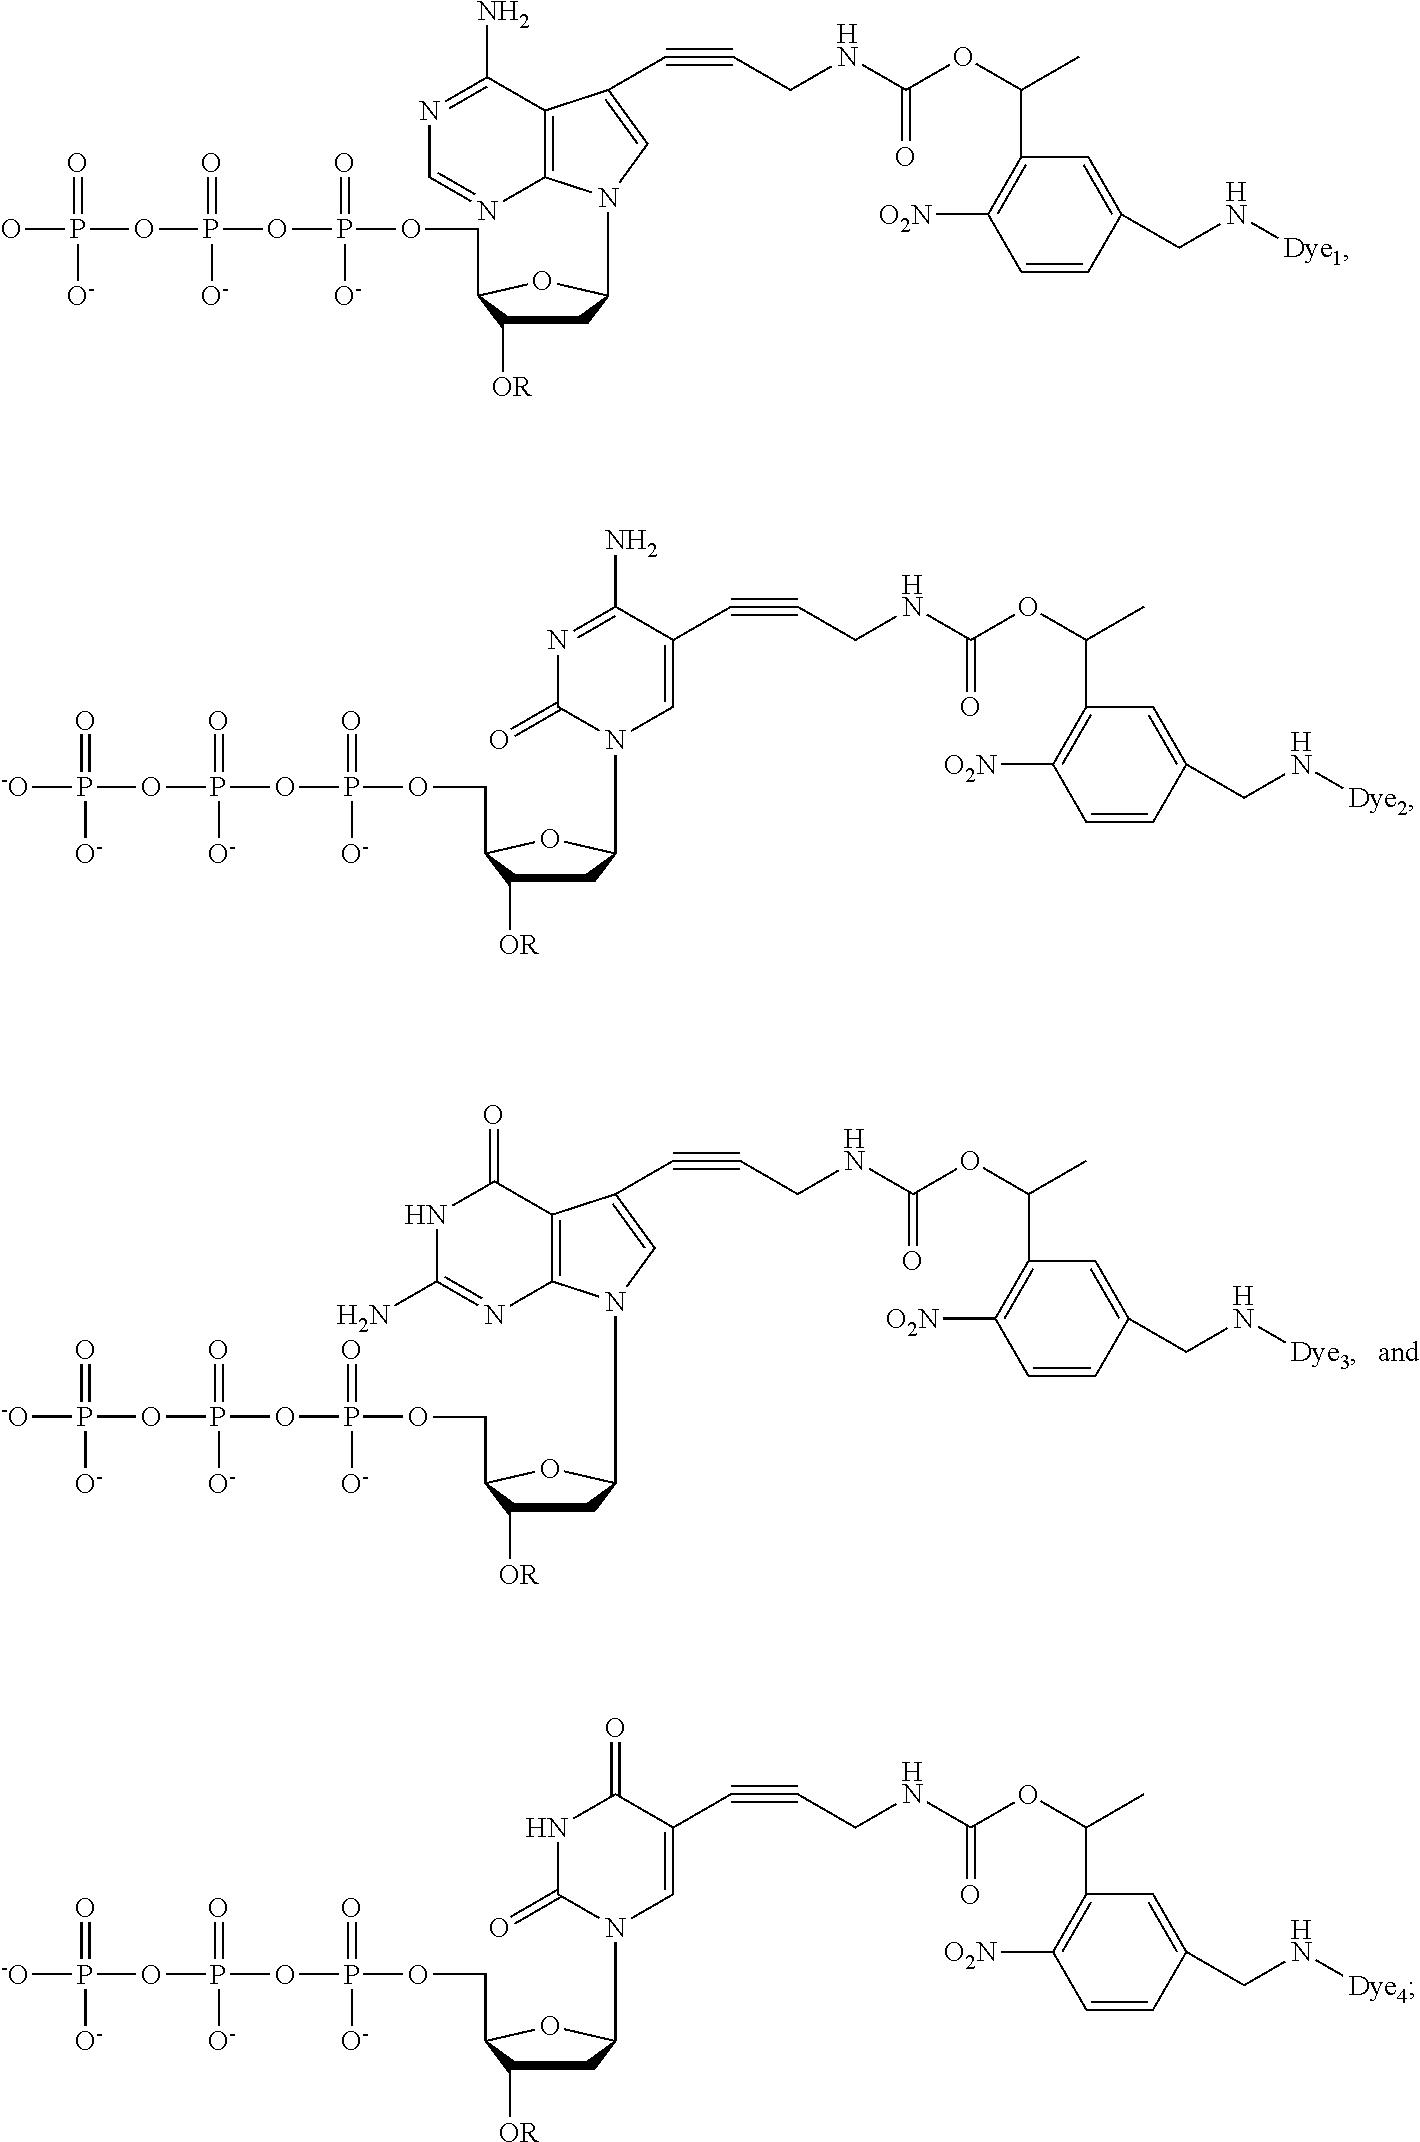 Figure US09708358-20170718-C00001